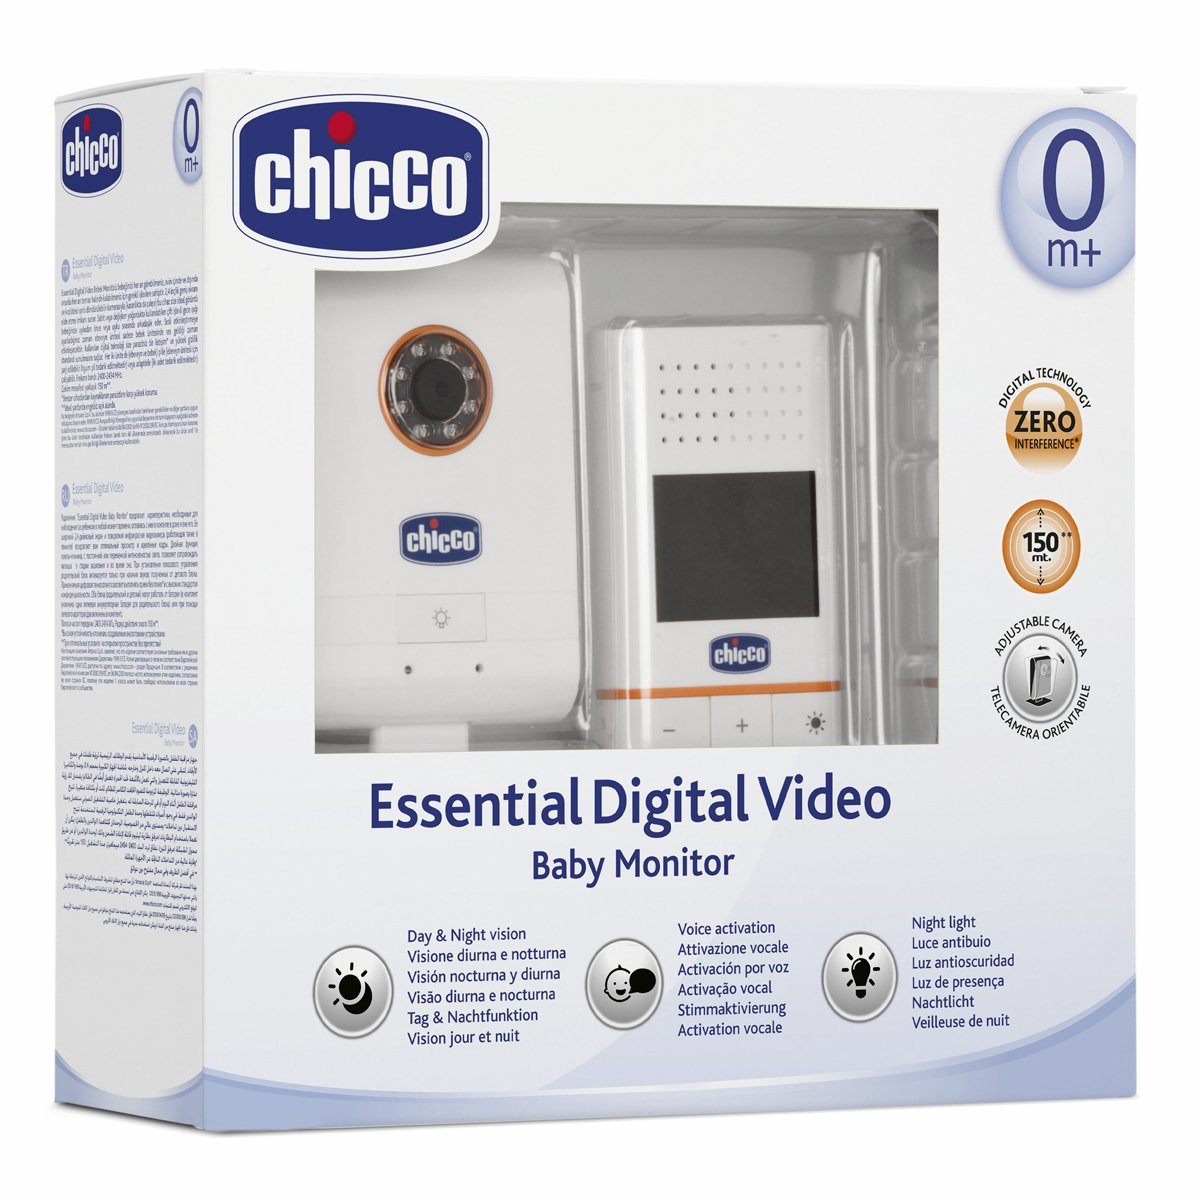 Baby monitor de video con visi/ón nocturna Chicco Essential Digital